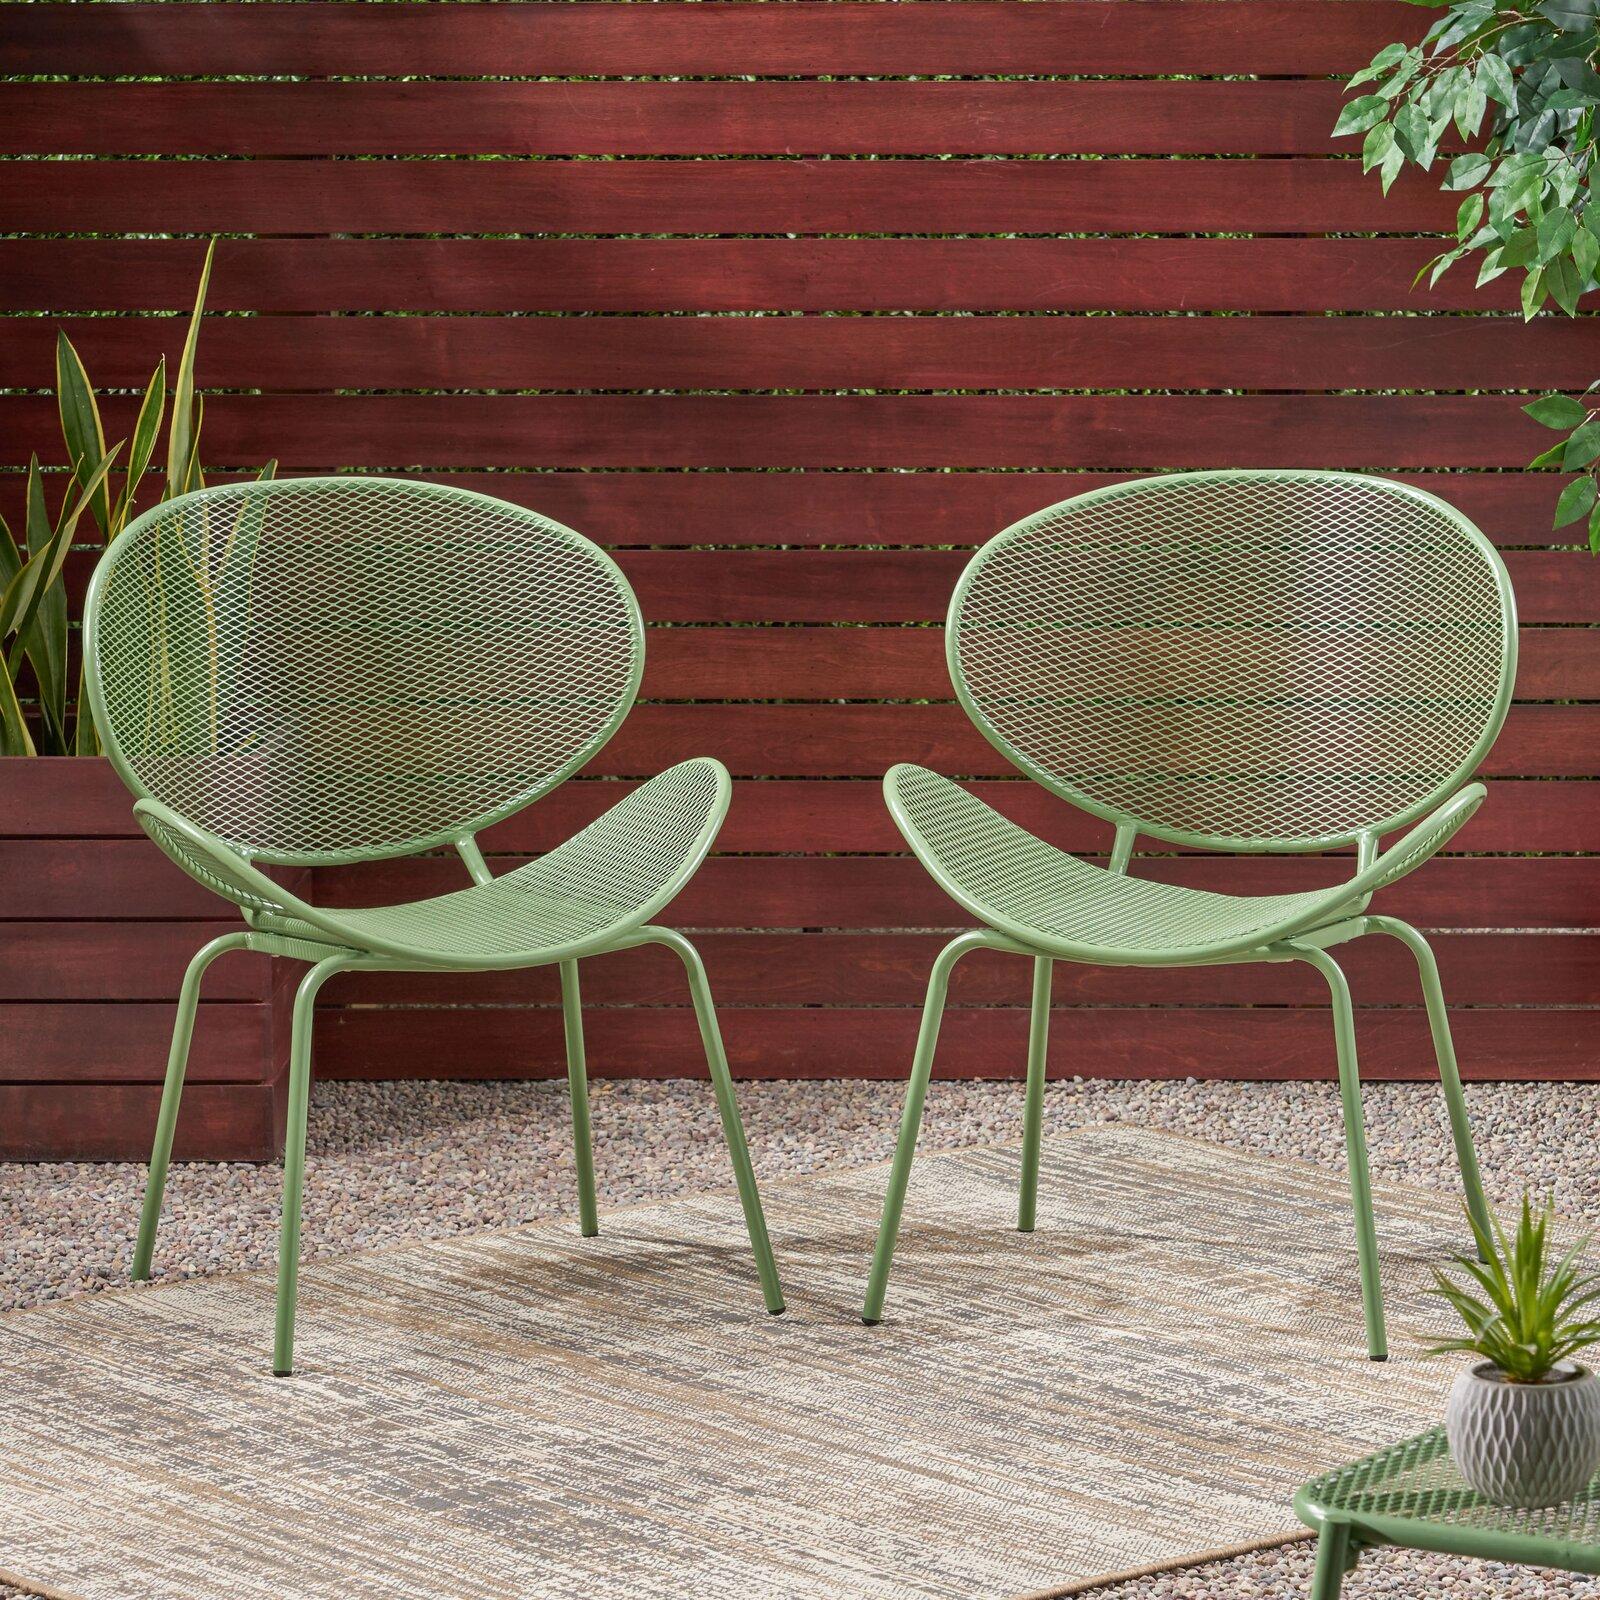 matte green chairs